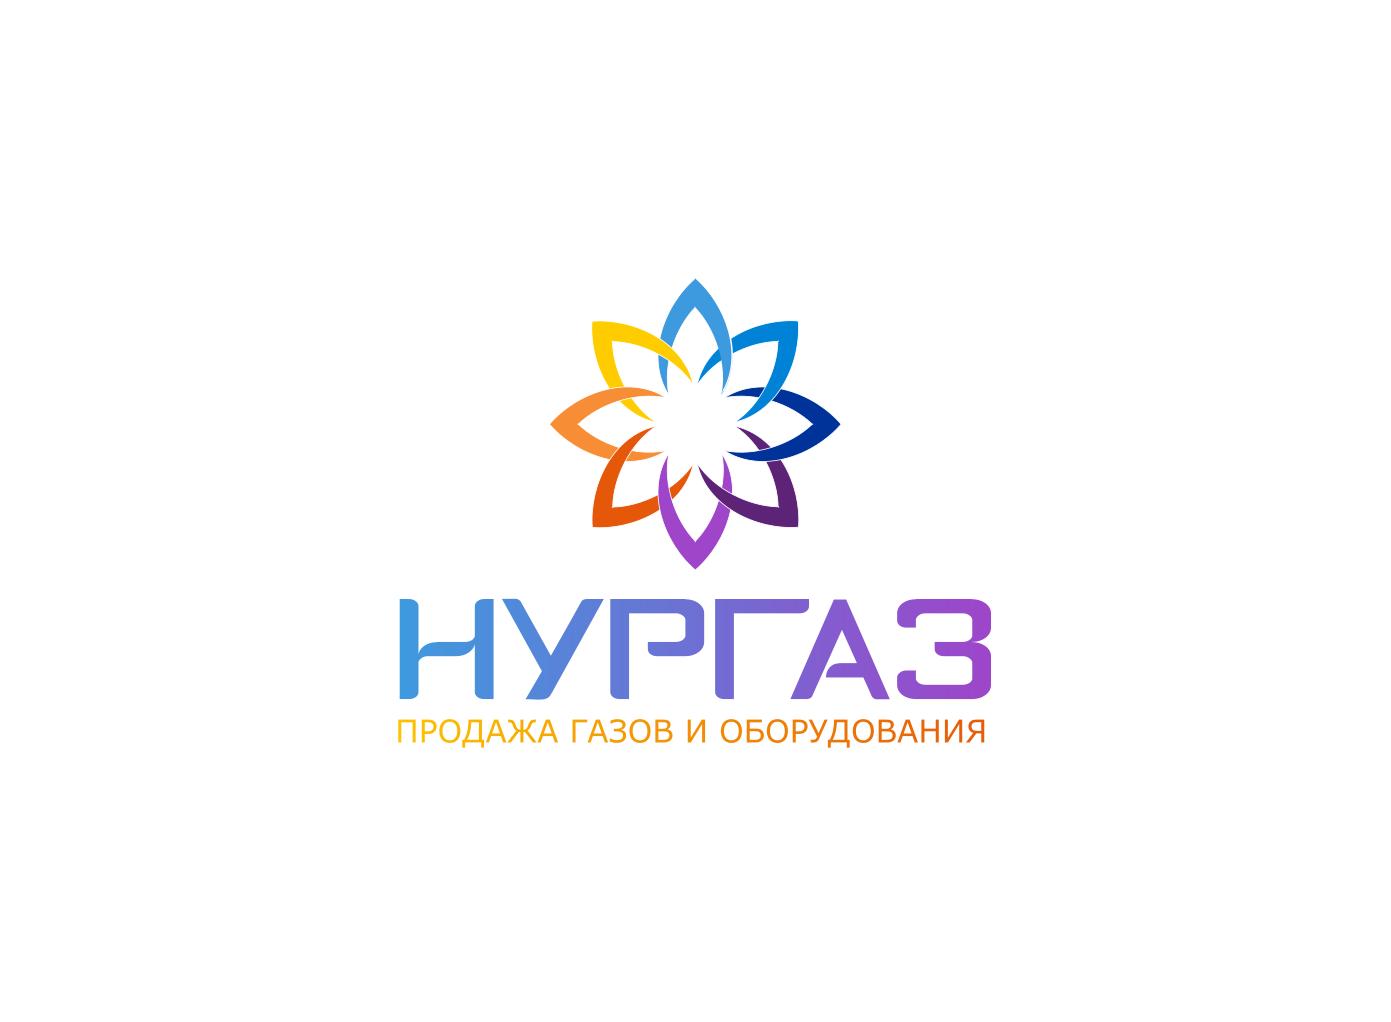 Разработка логотипа и фирменного стиля фото f_9135d9a2c9e33724.png